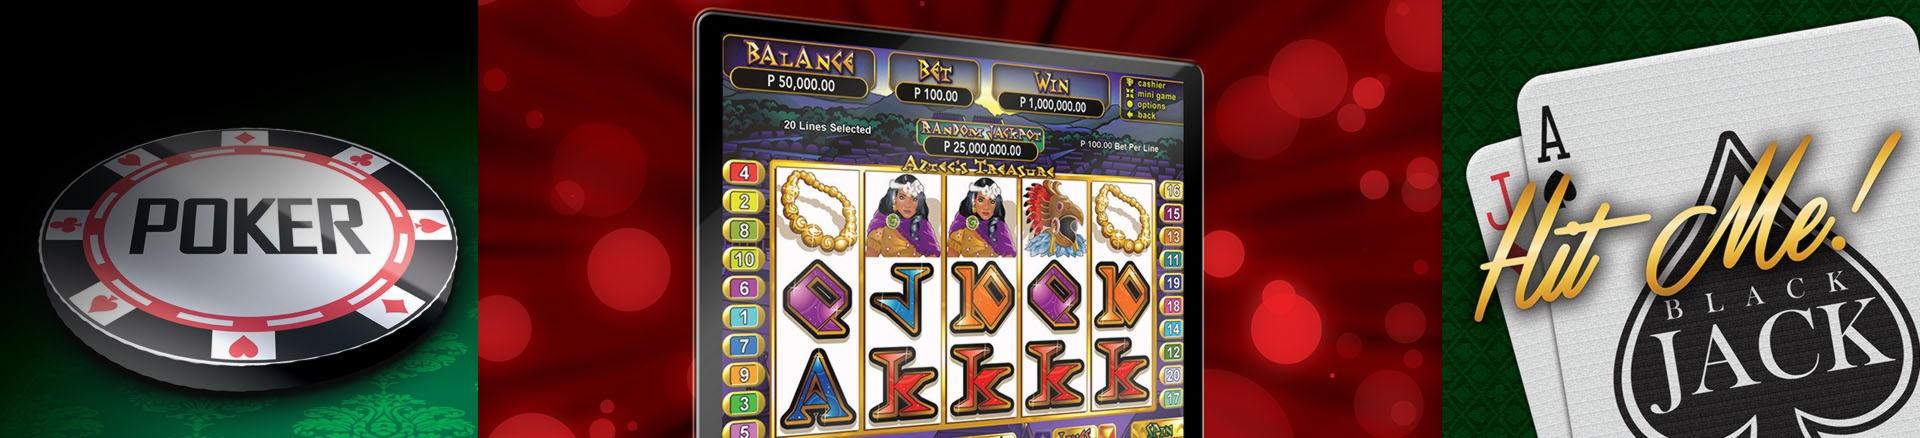 EURO 3845 NO DEPOSIT CASINO BONUS at Casino com